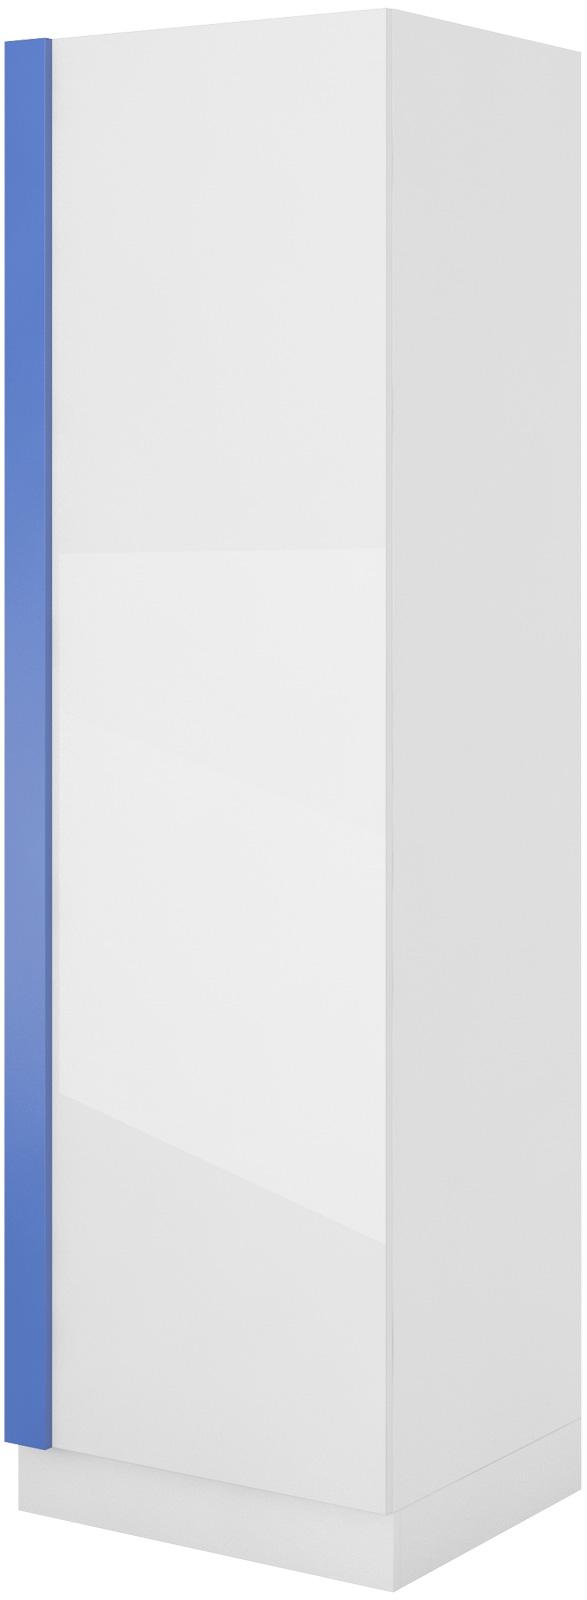 Šatní skříň levá/pravá Yeti Y01